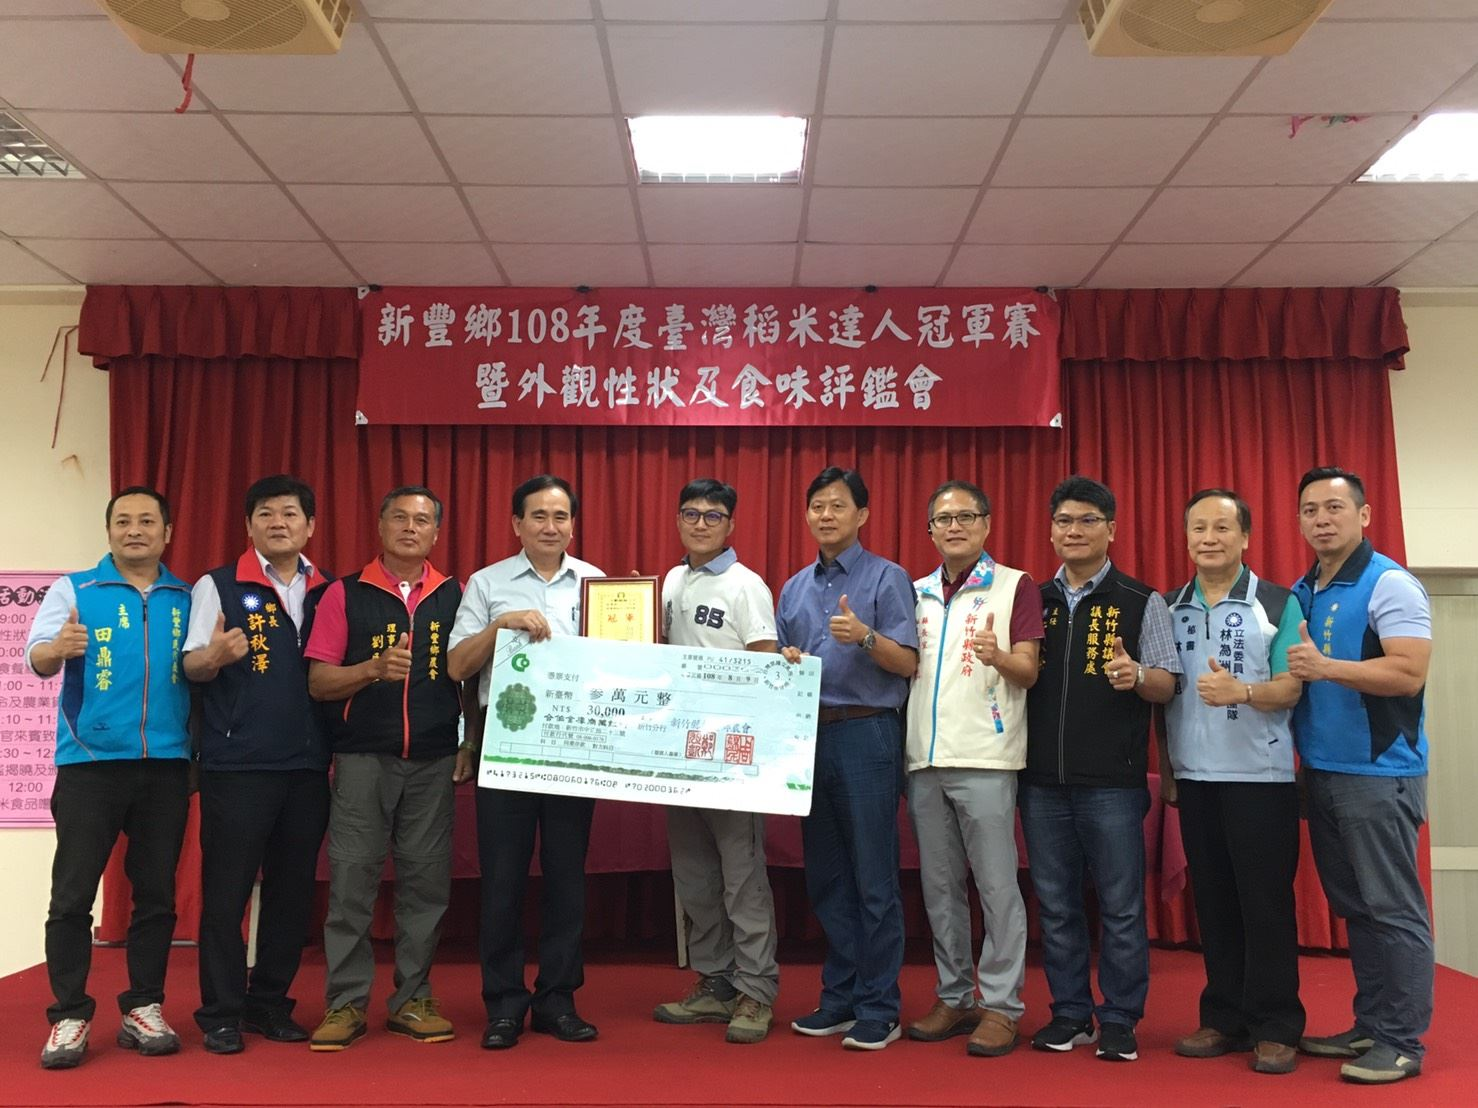 新豐稻米達人冠軍賽 青農劉政祐以桃園3號拿下冠軍